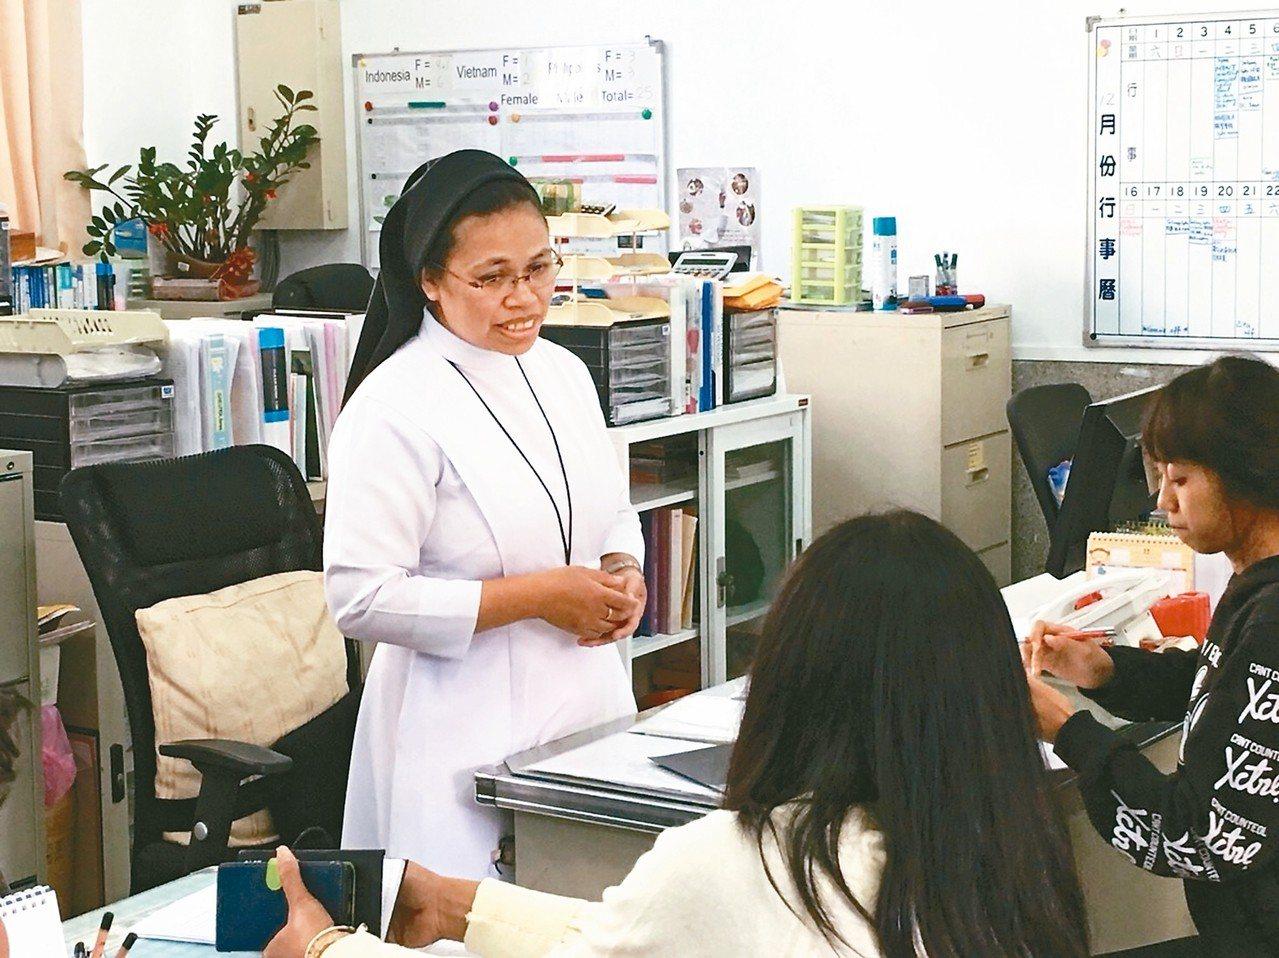 譚法蓮修女(左)獲選為2018新竹市城市英雄。 圖/新竹市府提供